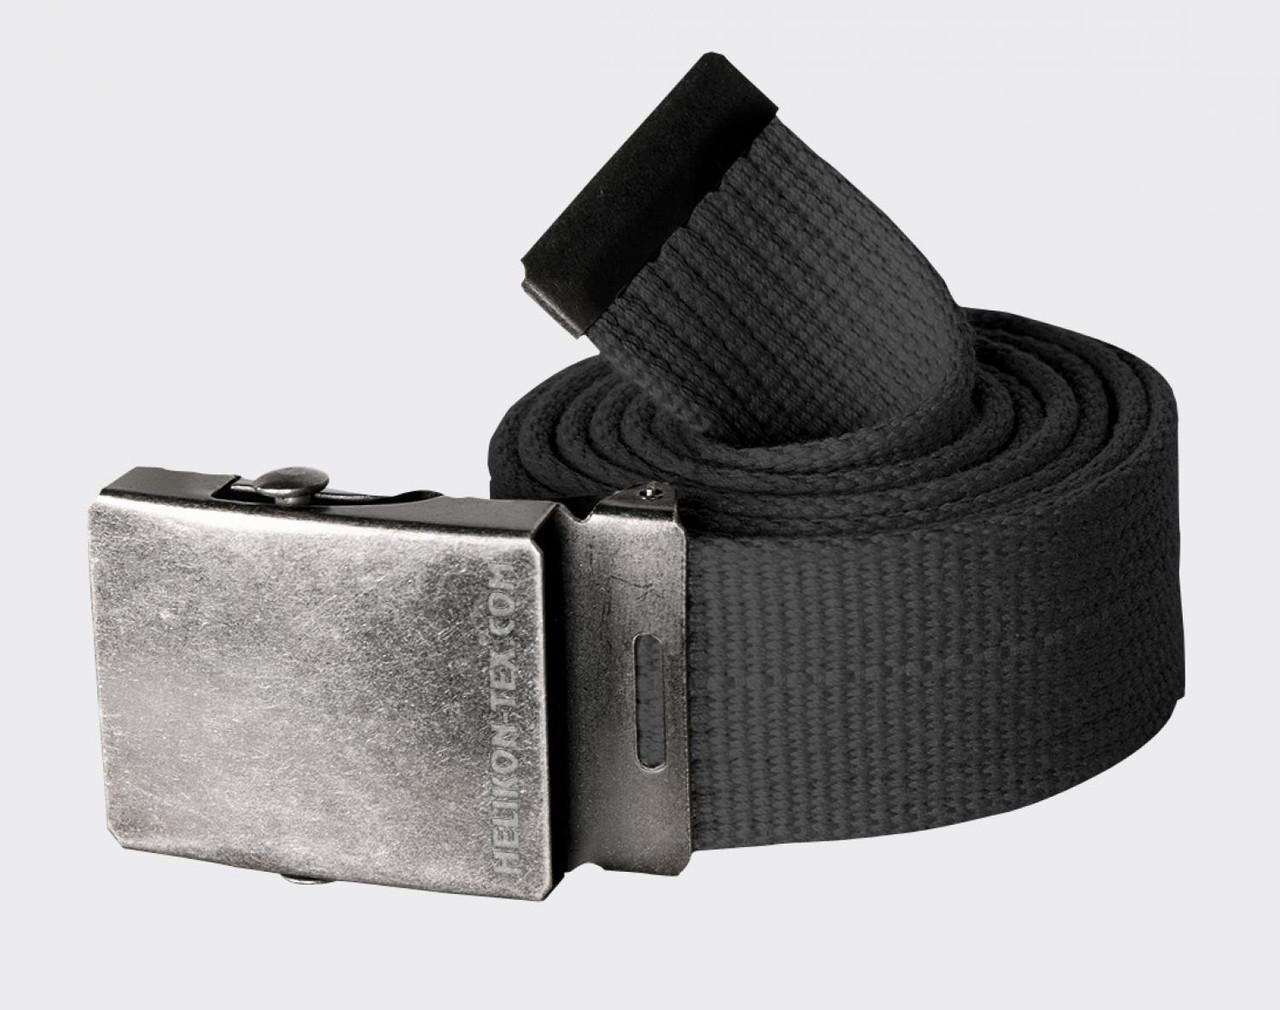 3259e03fbf9 Ремень тактический HELIKON-TEX CANVAS BELT черный  продажа